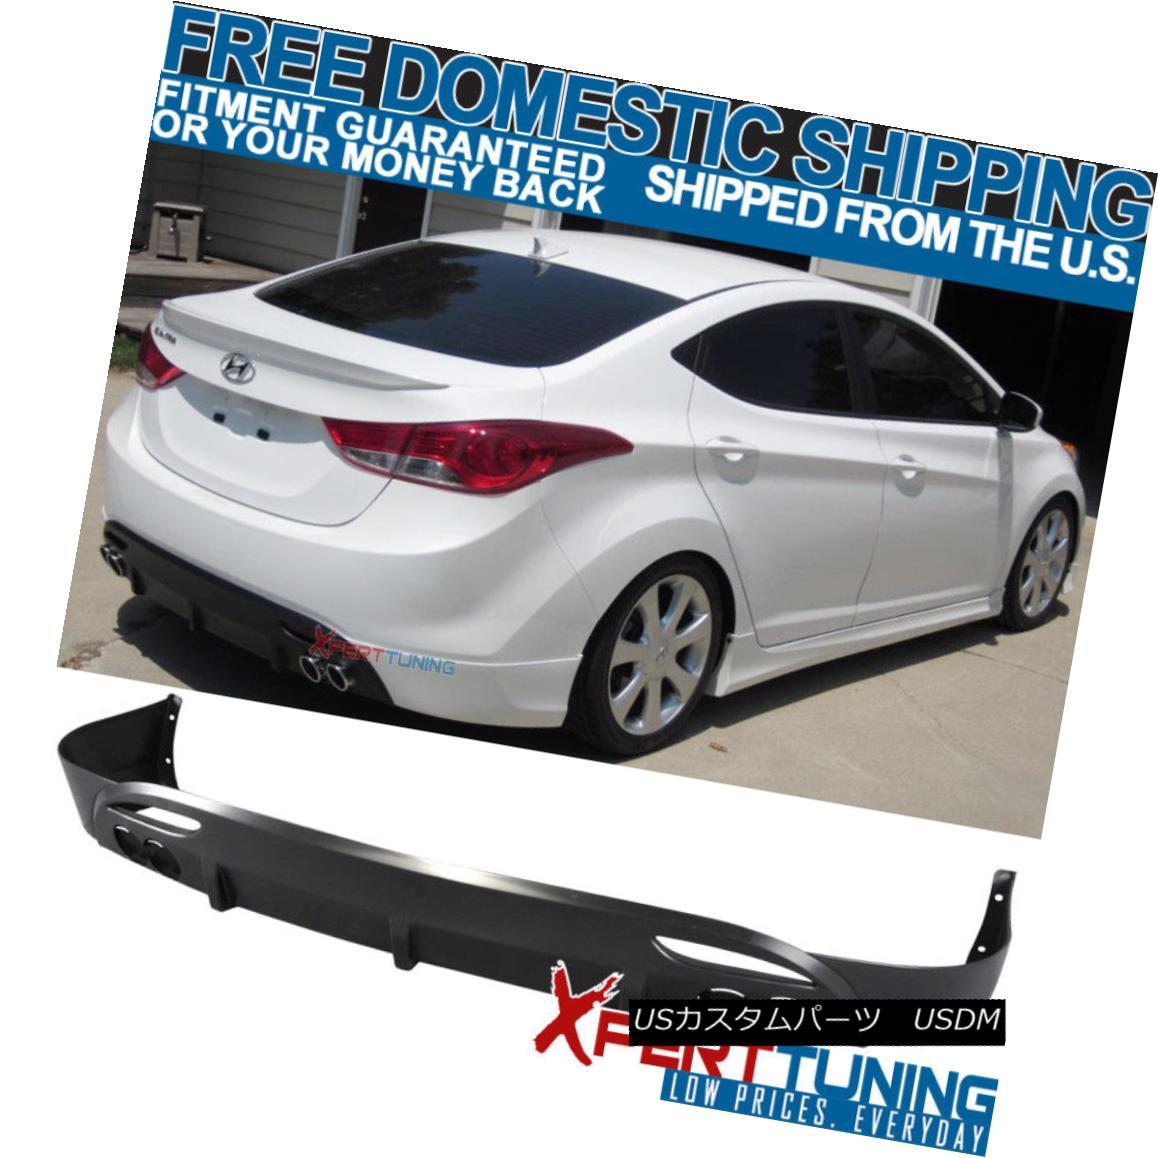 エアロパーツ Fit For 11 12 13 Hyundai Elantra Avante Md OE PP Lower Rear Bumper Lip Diffuser 11 12 13 Hyundai Elantra Avante Md OE PPロワーリアバンパーリップディフューザー